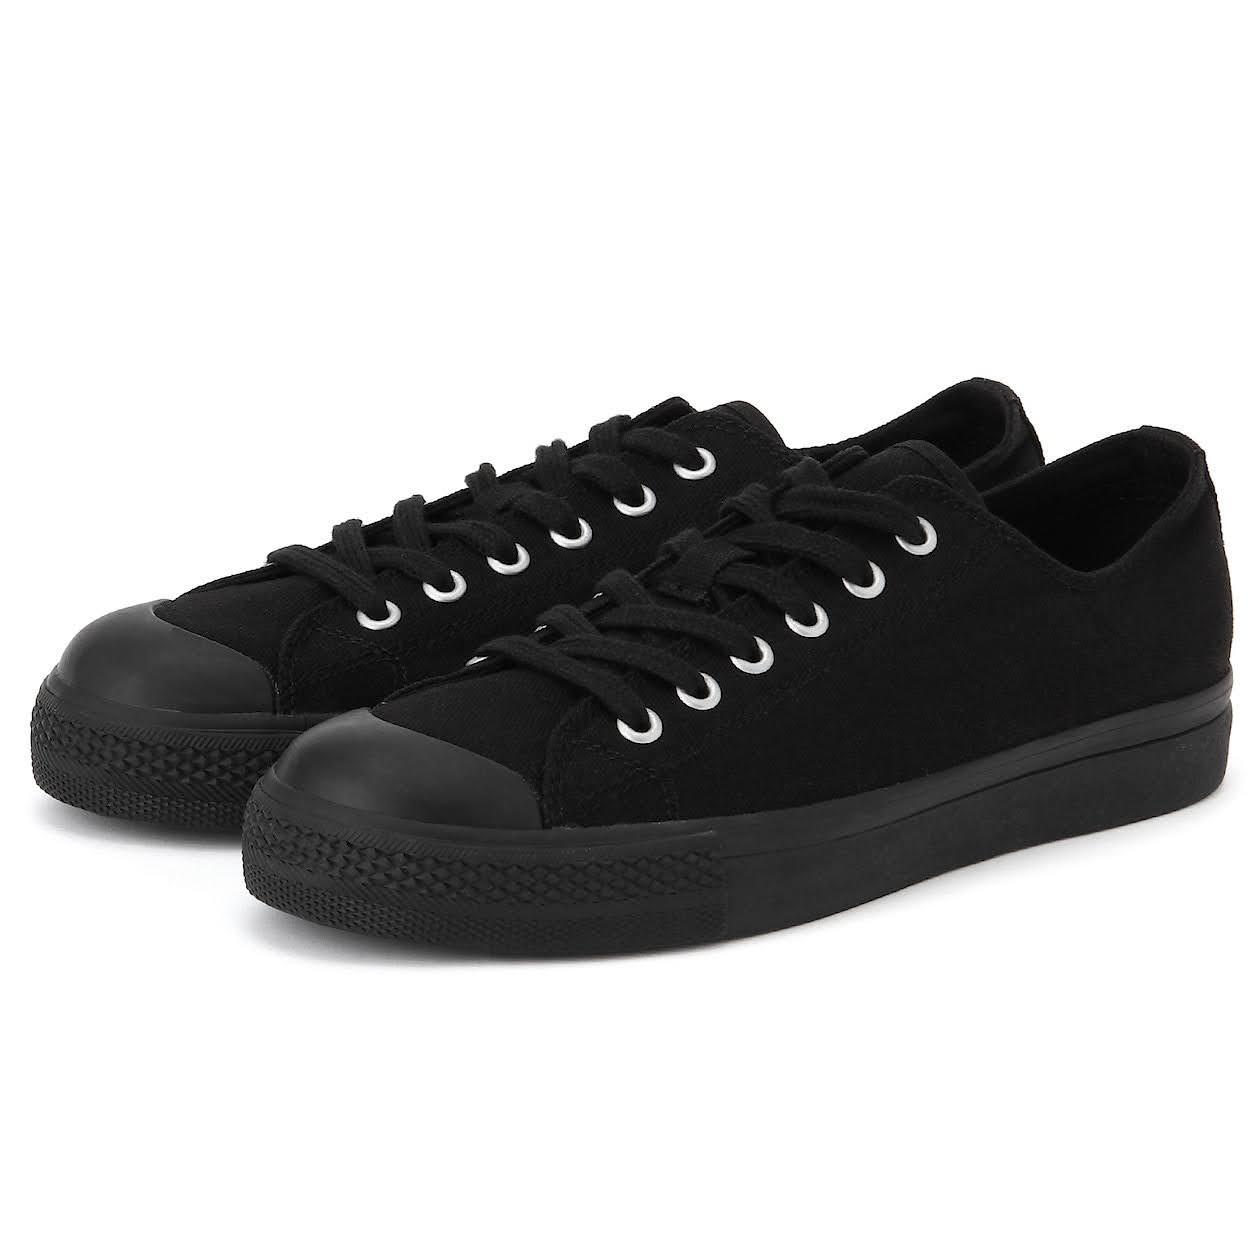 とにかく安い!3000円以下の神コスパ黒スニーカー-black-ladies-sneakers-winter-style-muji-black-sneaker